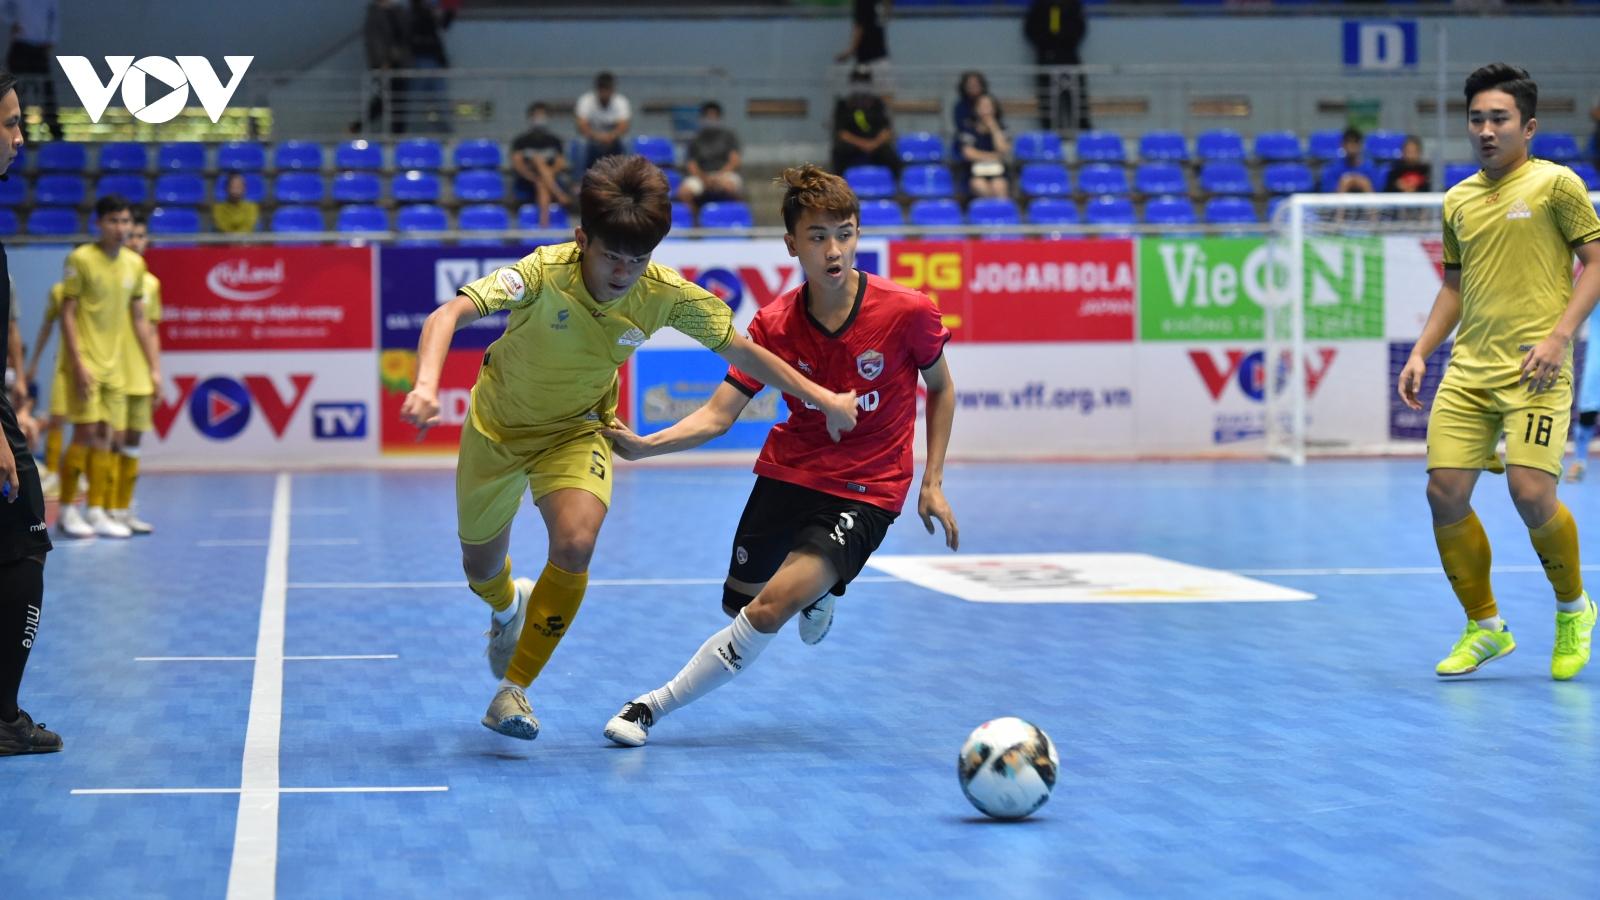 Lịch thi đấu Giải Futsal HDBank VĐQG 2021 hôm nay 29/4